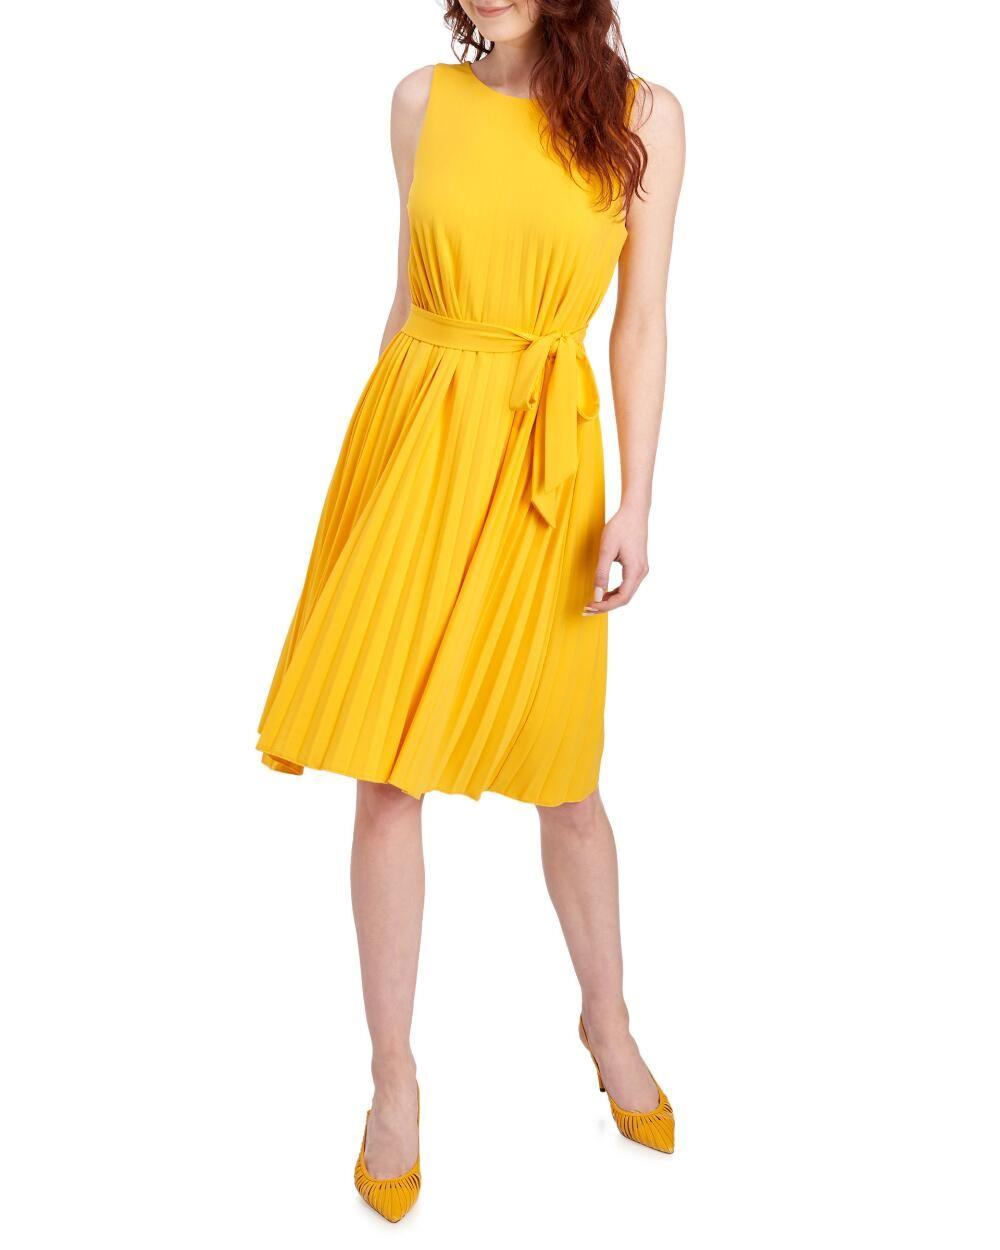 TAHARI Pleated Sleeveless Dress  Women dress online, Womens